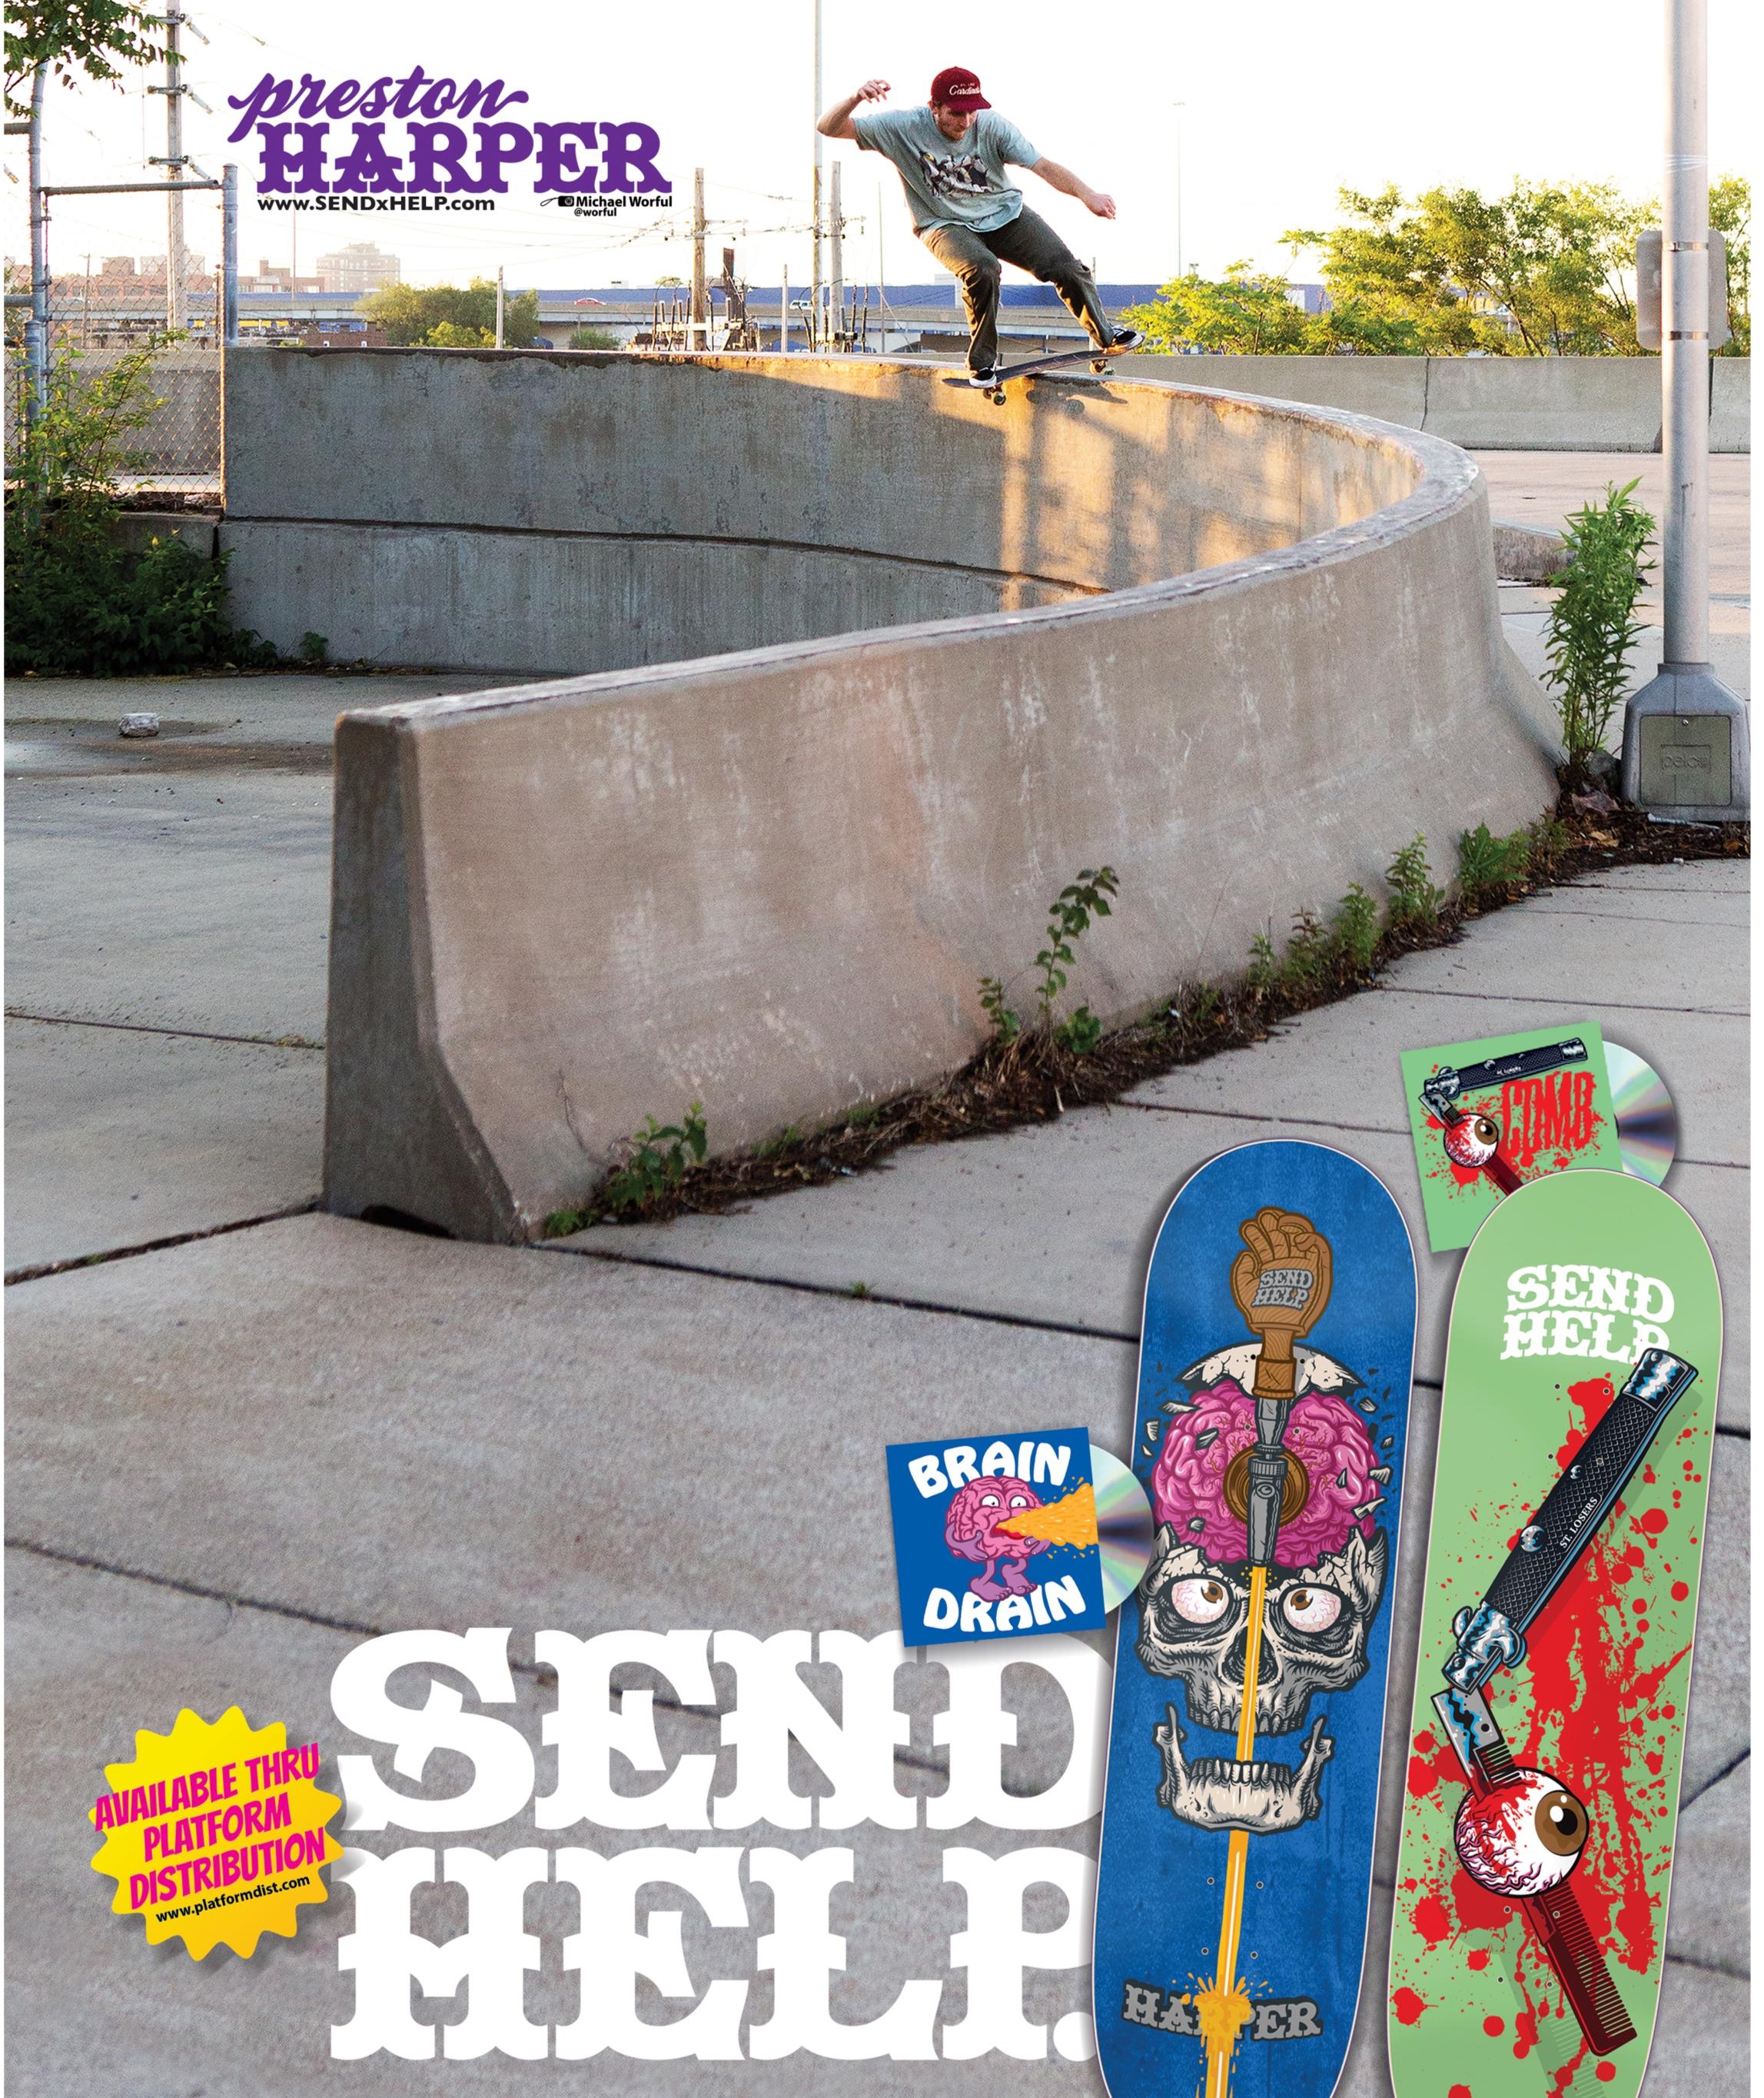 Preston Harper taking the curve in King Skate magazine